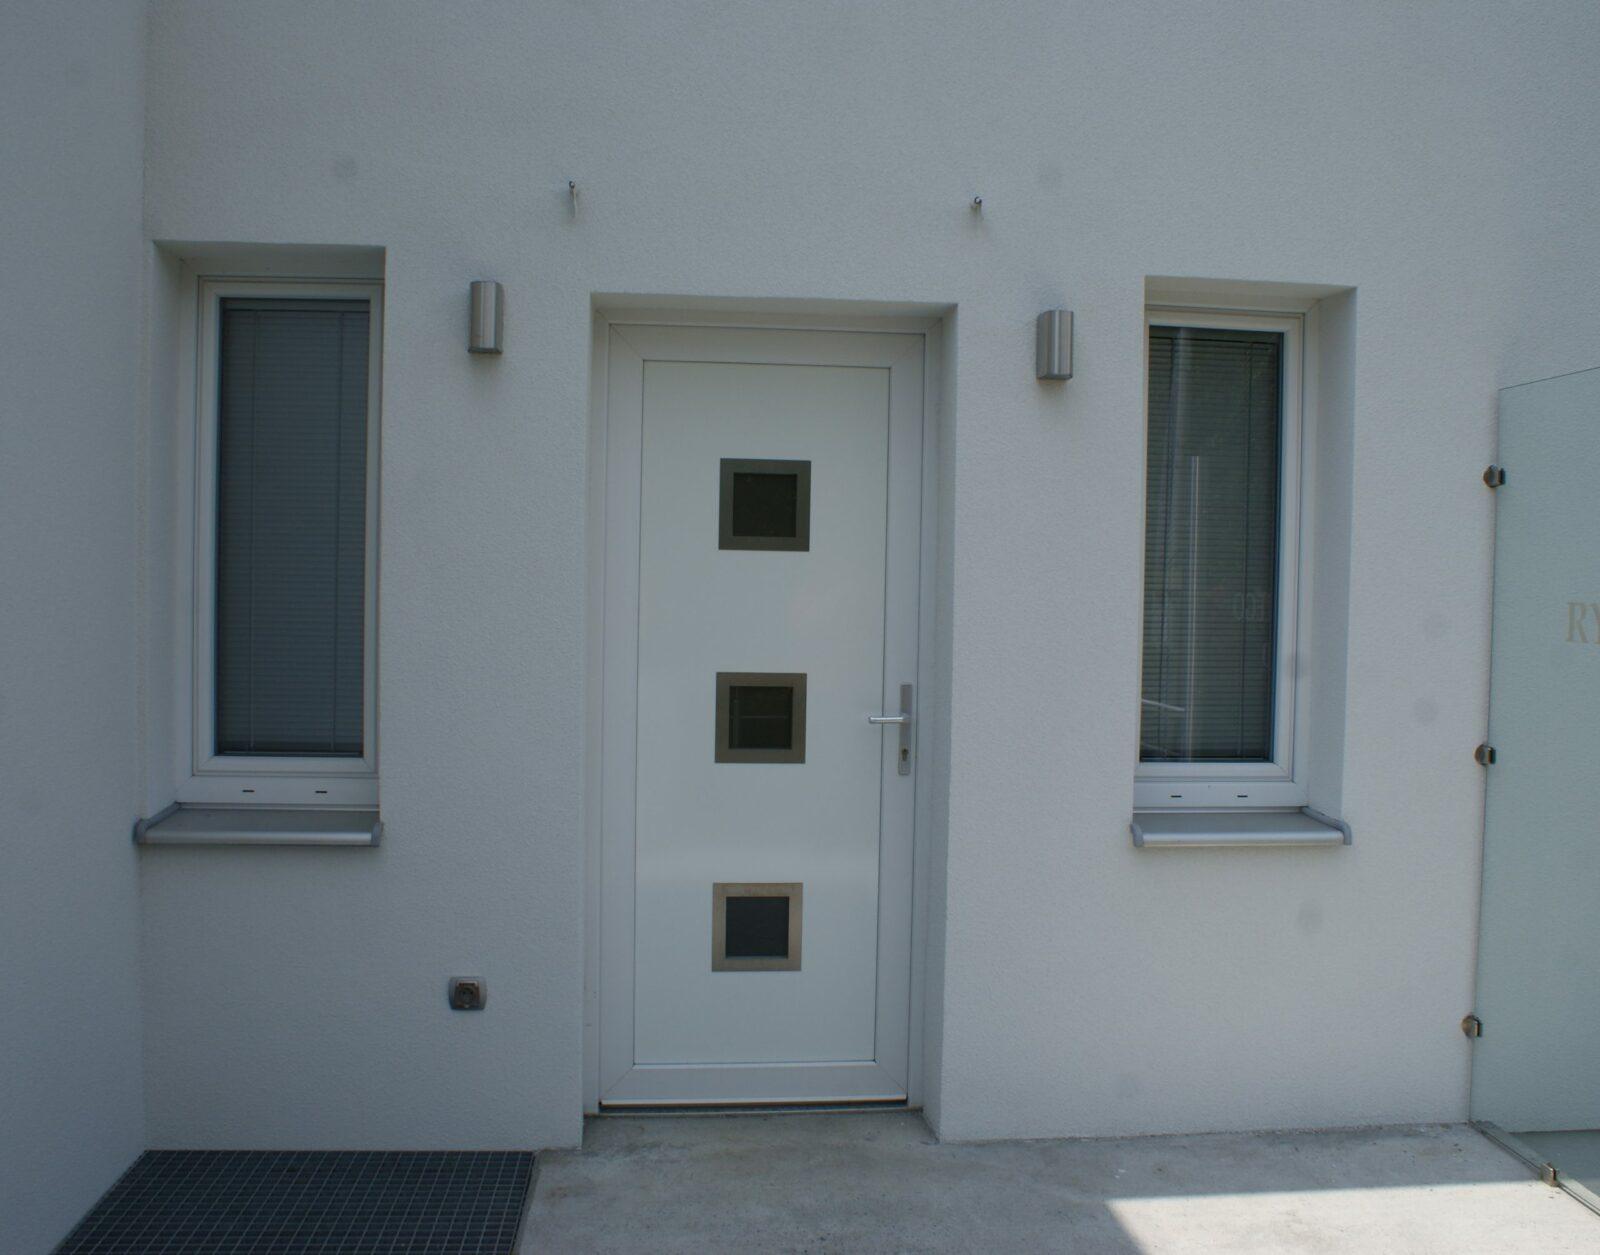 białe drzwi zewnętrzne na białej ścianie